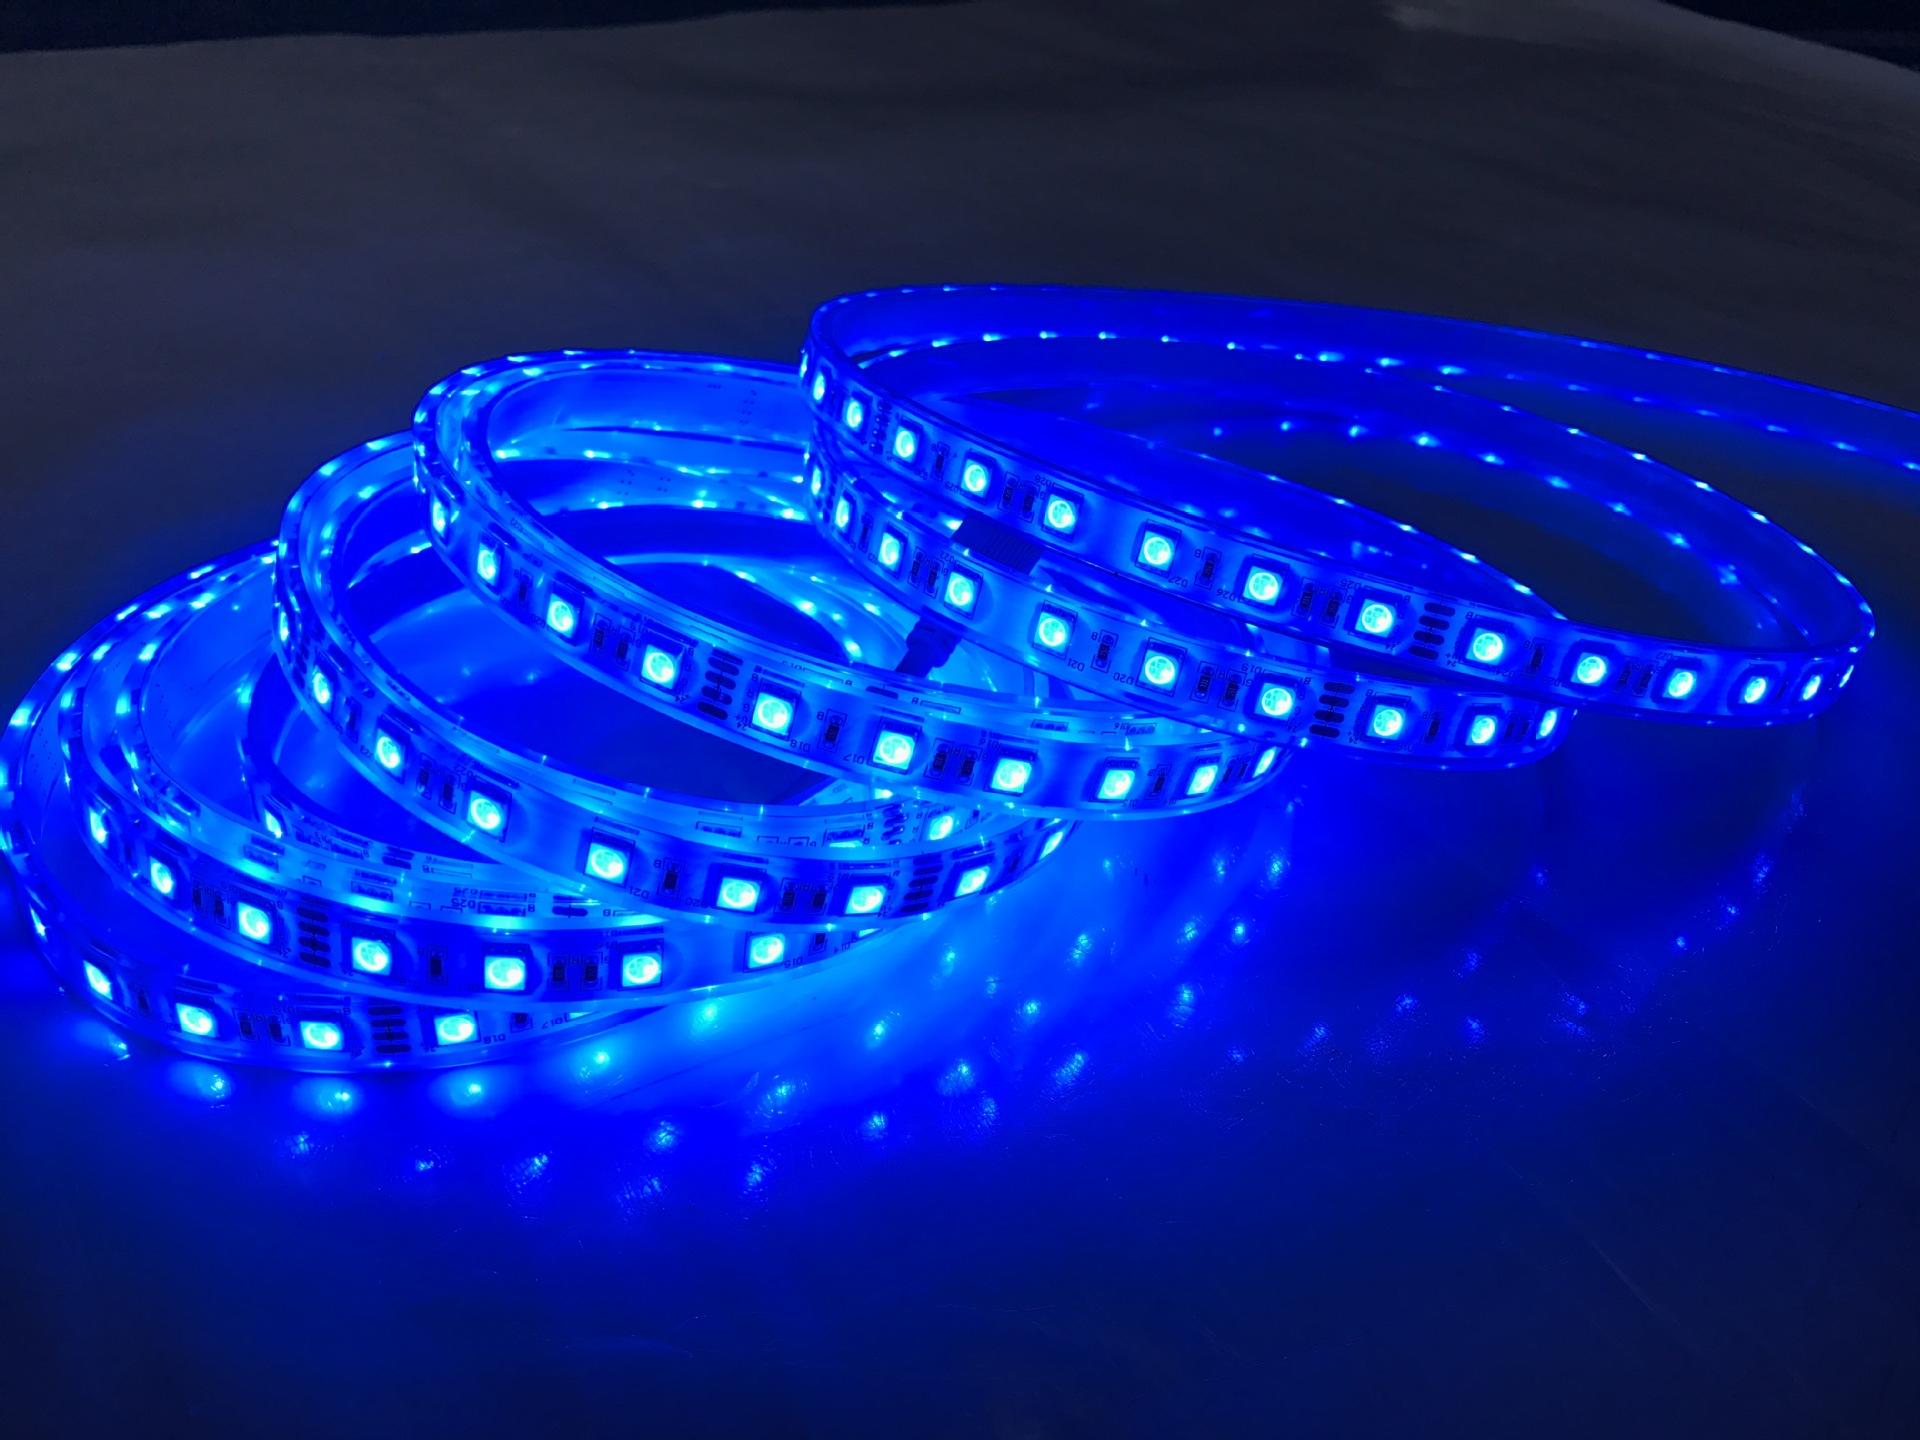 led-day-12v-chong-nuoc-ip68-rgb-5050-sieu-sang-cao-cap-tld-12v-60p-blue